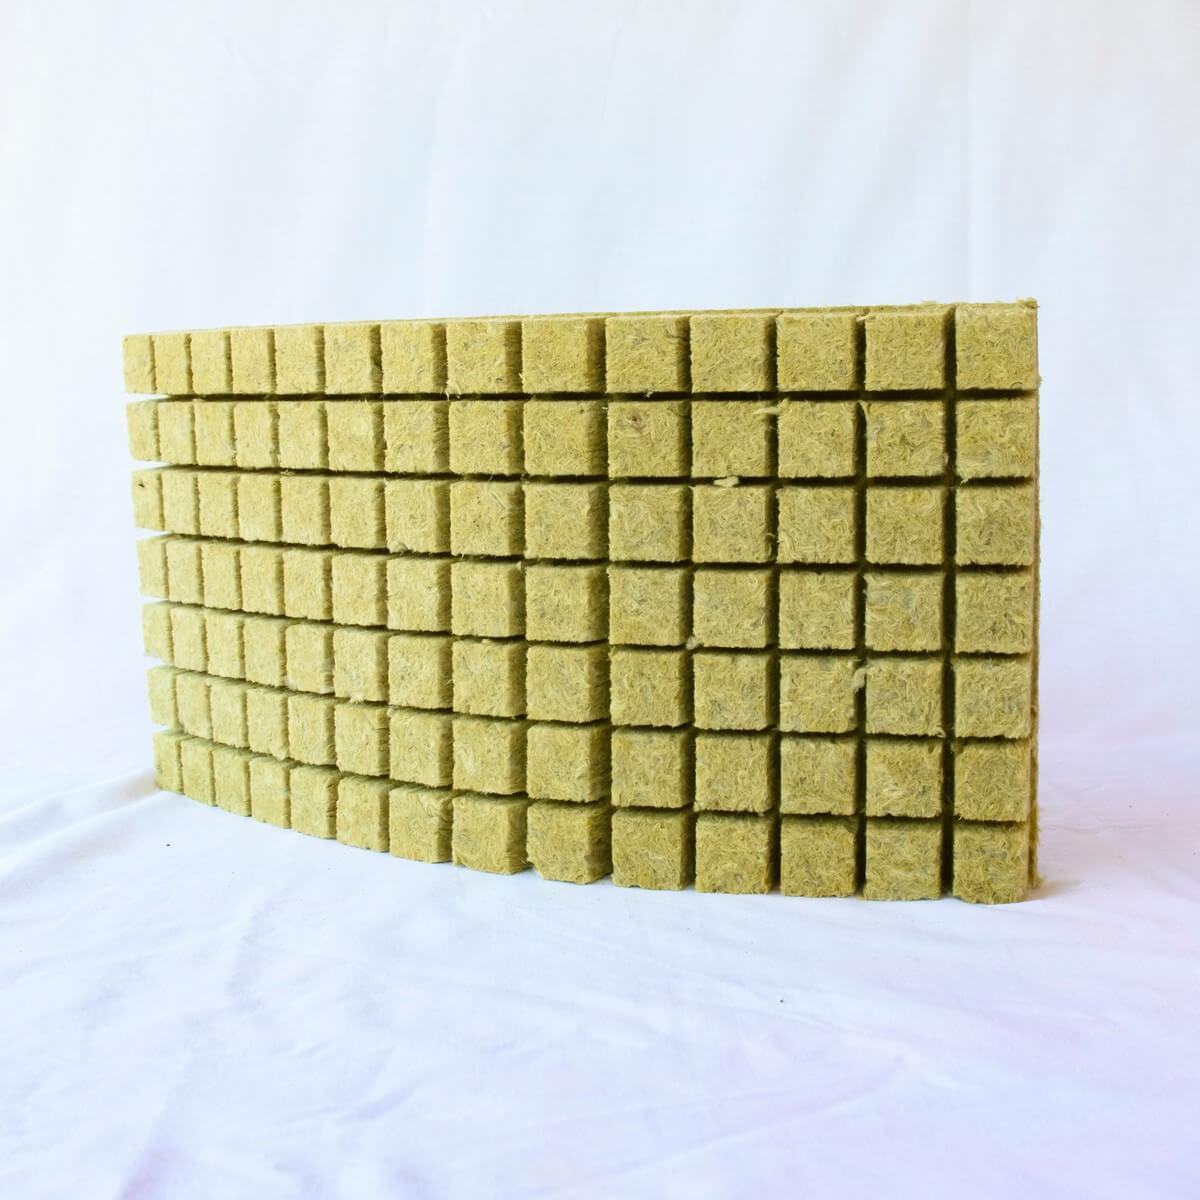 Magvető kőzetgyapot kocka 25x25x40